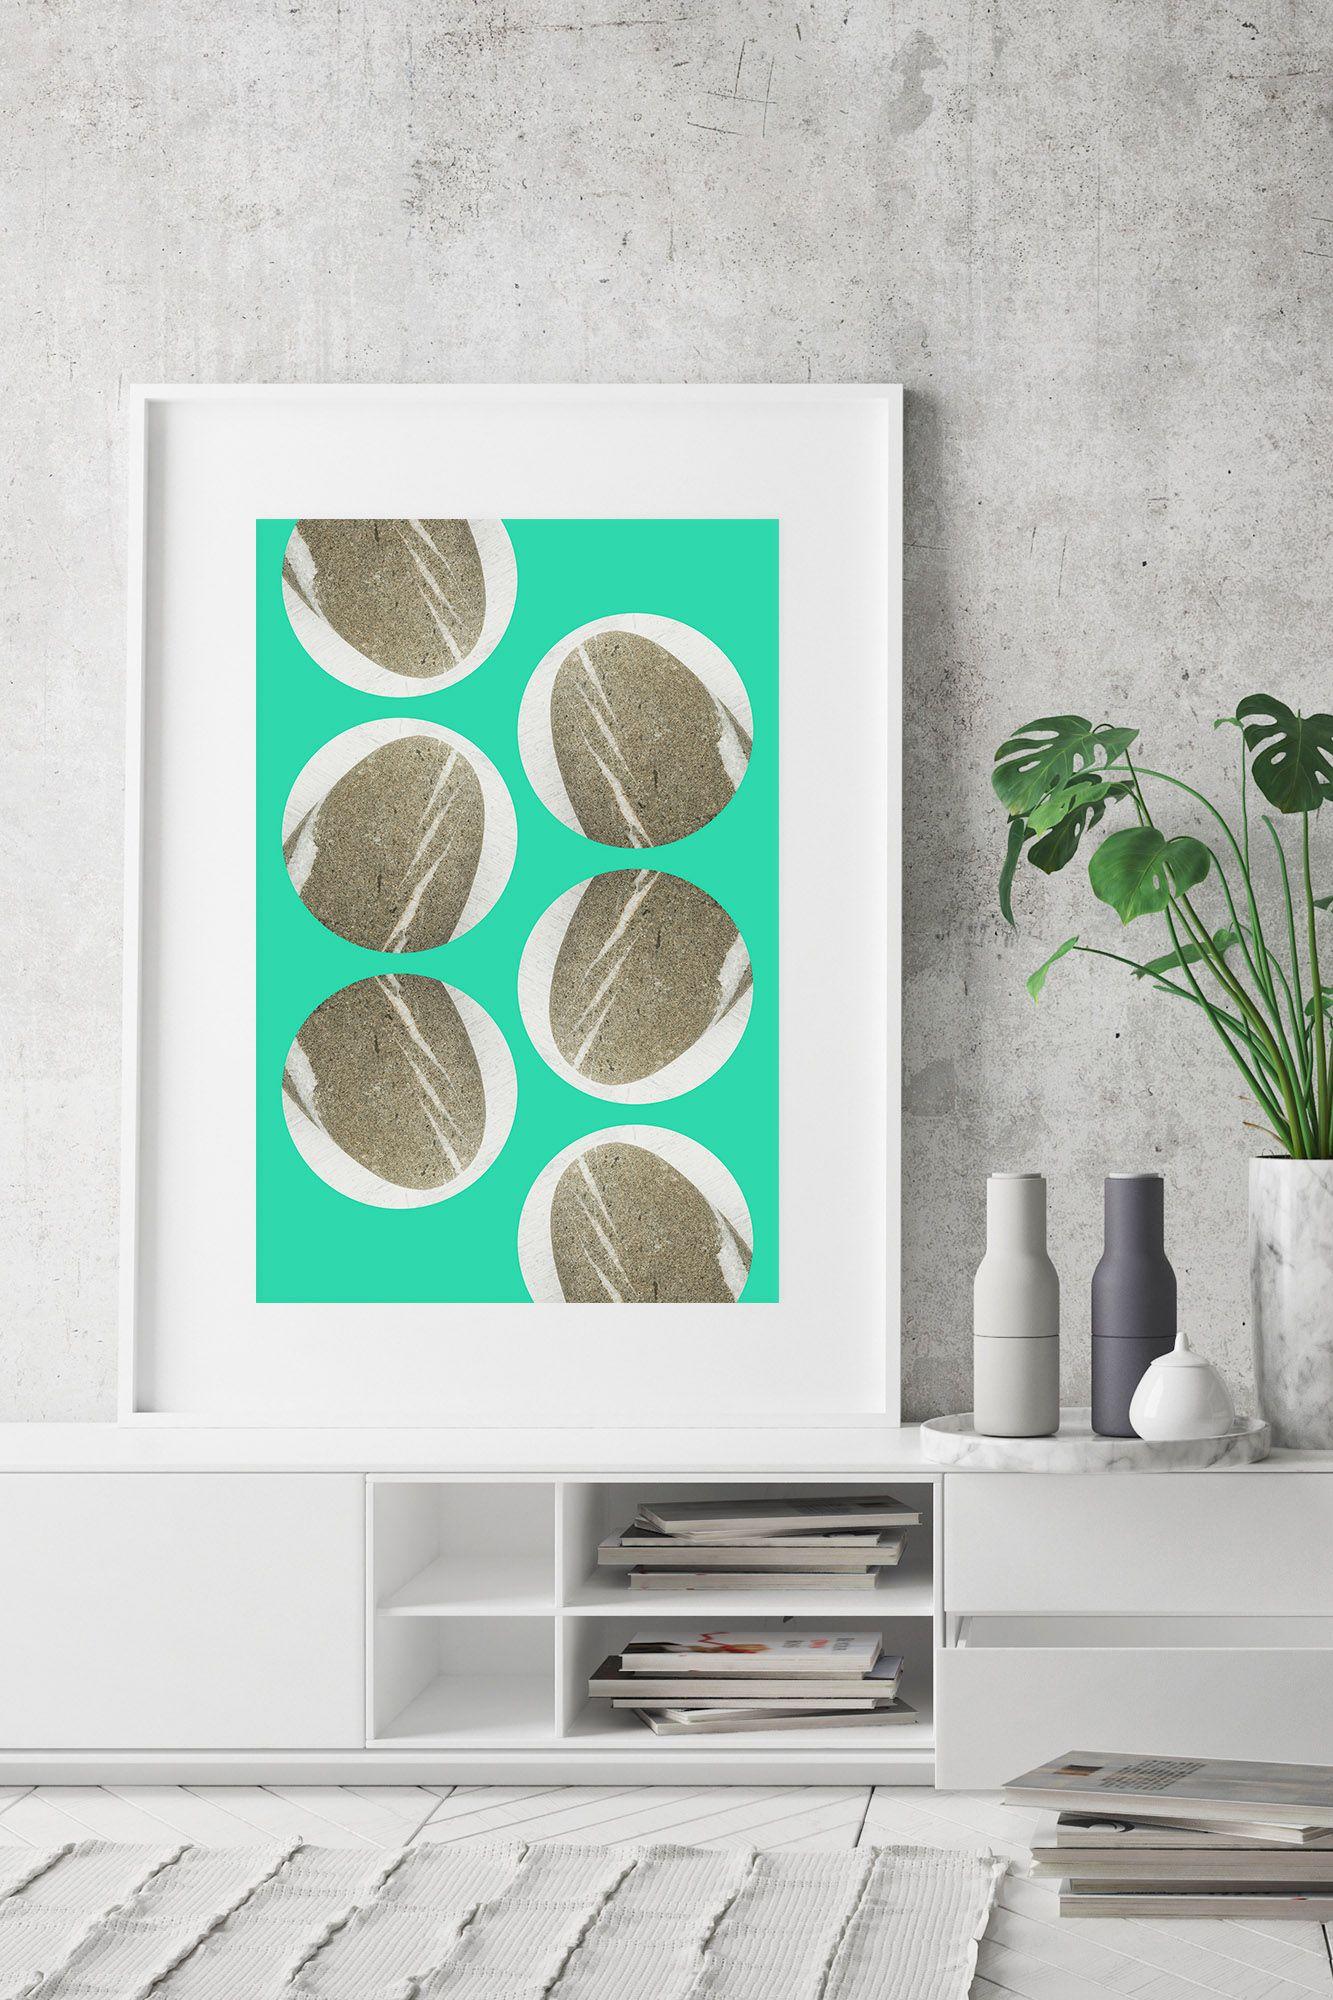 Lettere Da Appendere Al Muro poster verticale astratto, stampa moderna verde e grigia